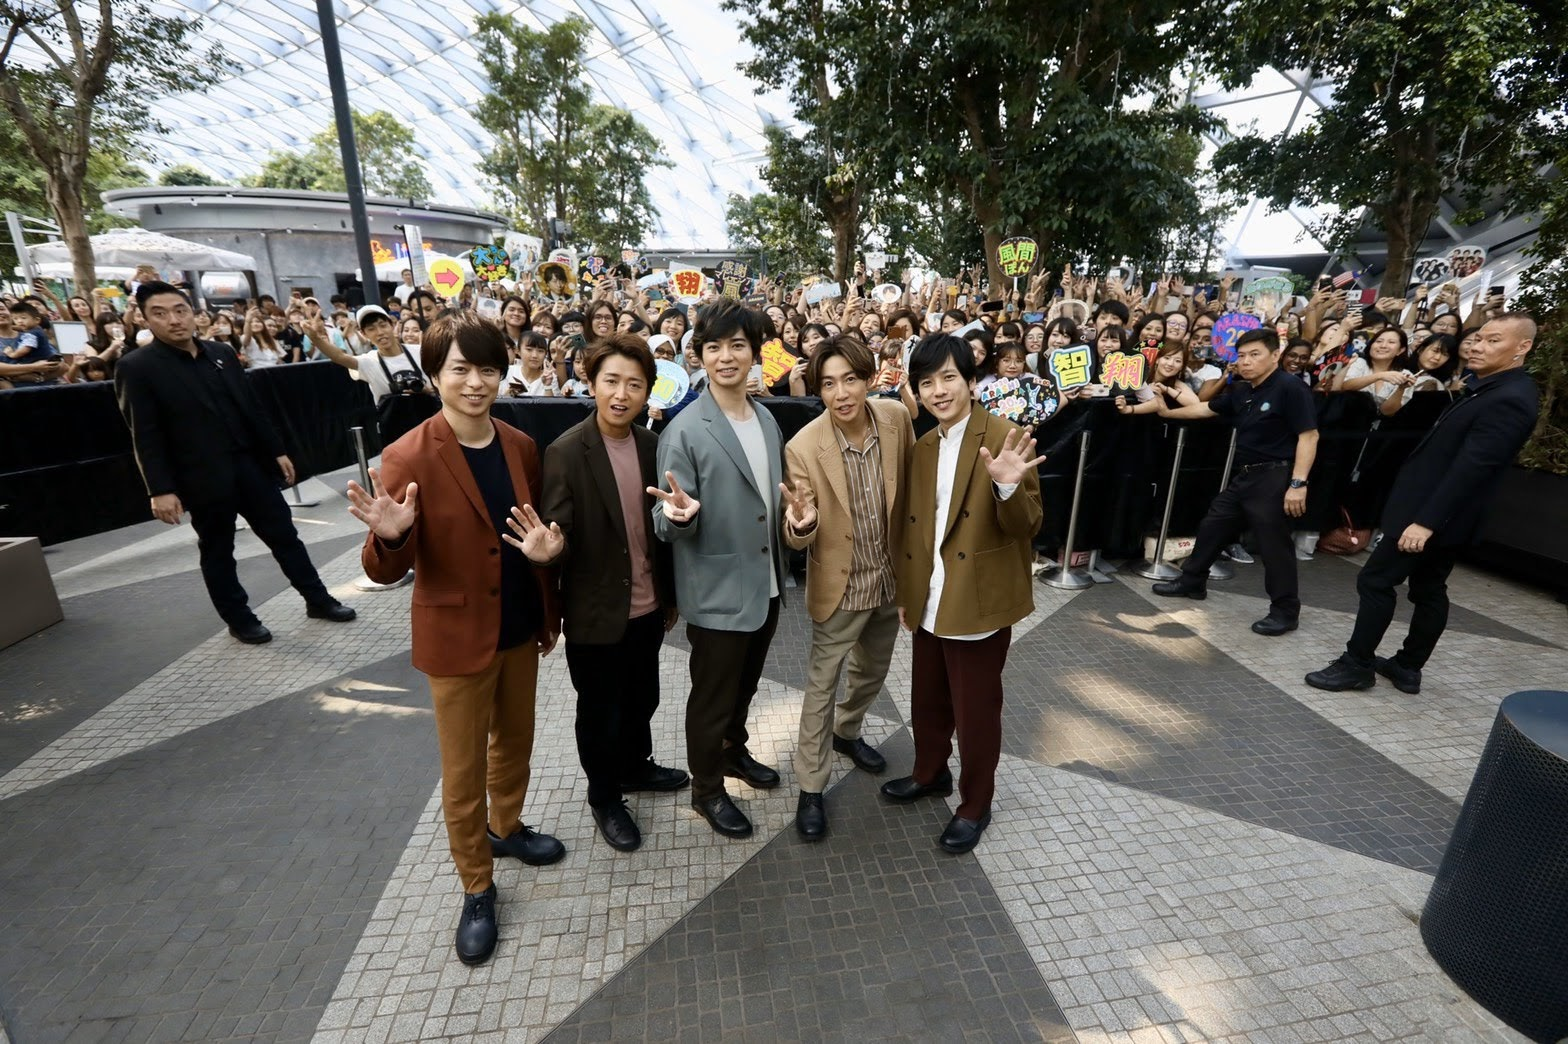 [迷迷音樂] ARASHI 嵐 「JET STROM」順利結束 團員感動:「沒想到在國外也有如此多的人支持我們,實在開心到不行」